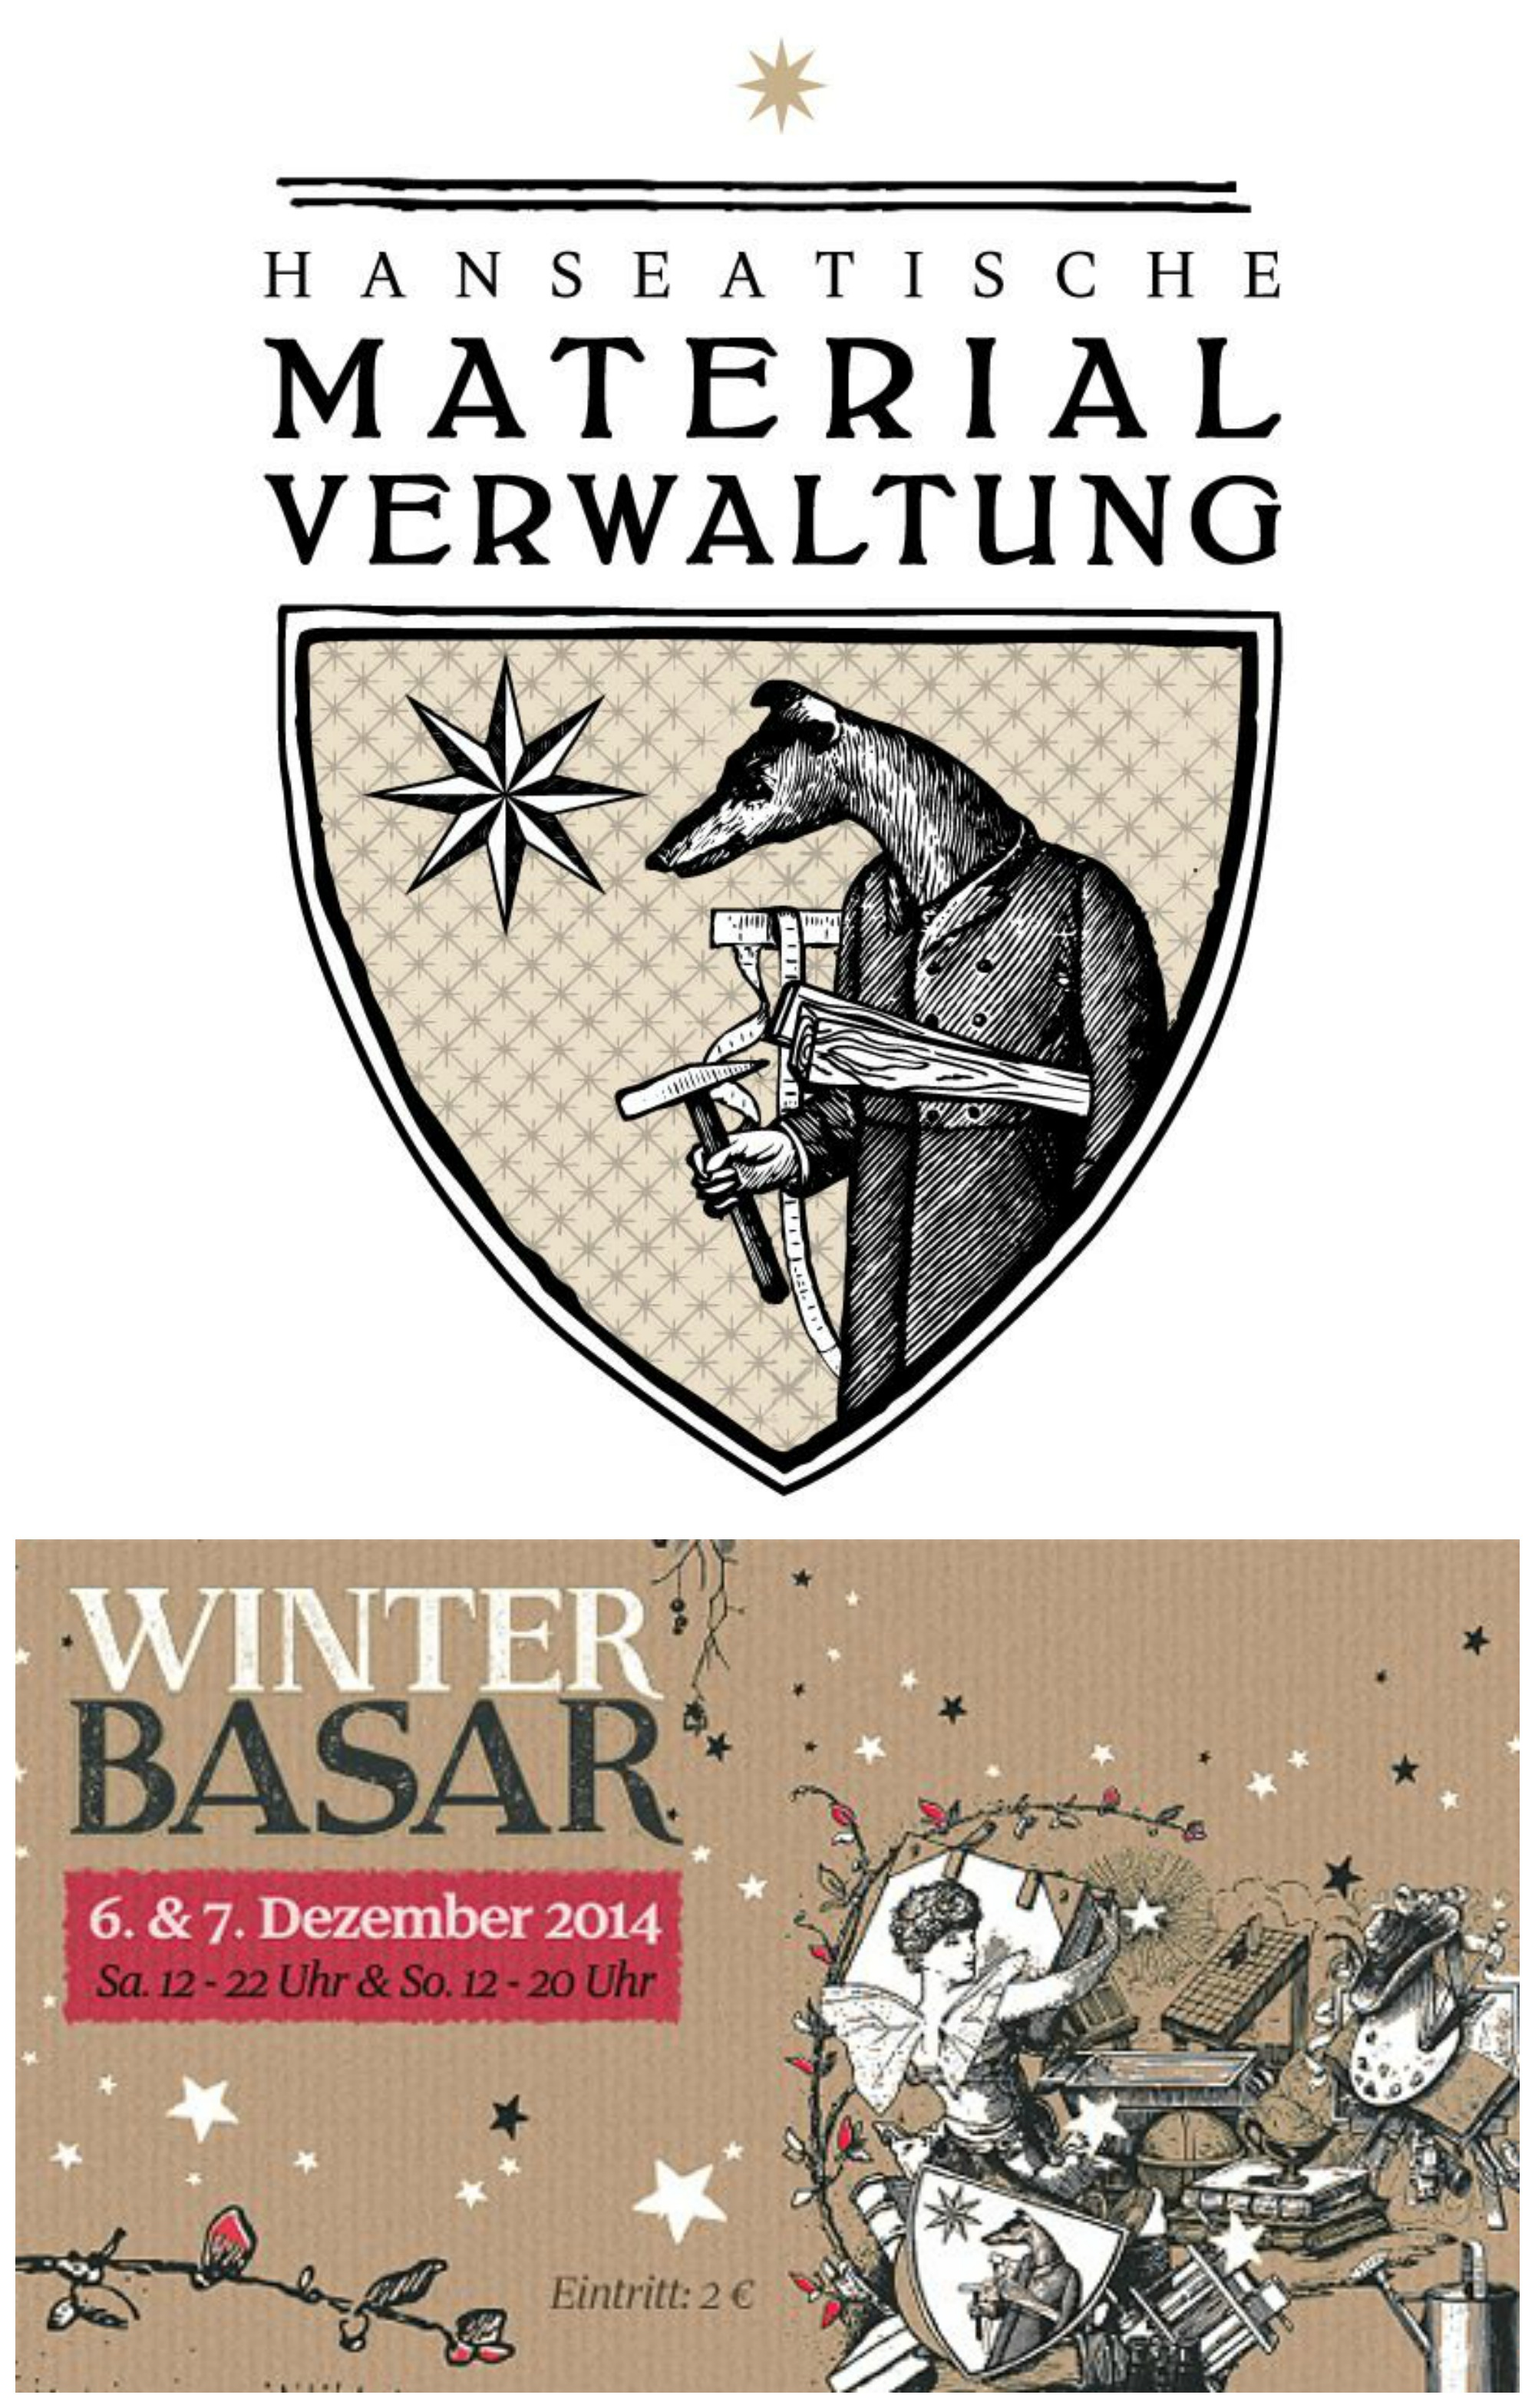 Winterbasar in der Hanseatischen Materialverwaltung - Immer noch ...